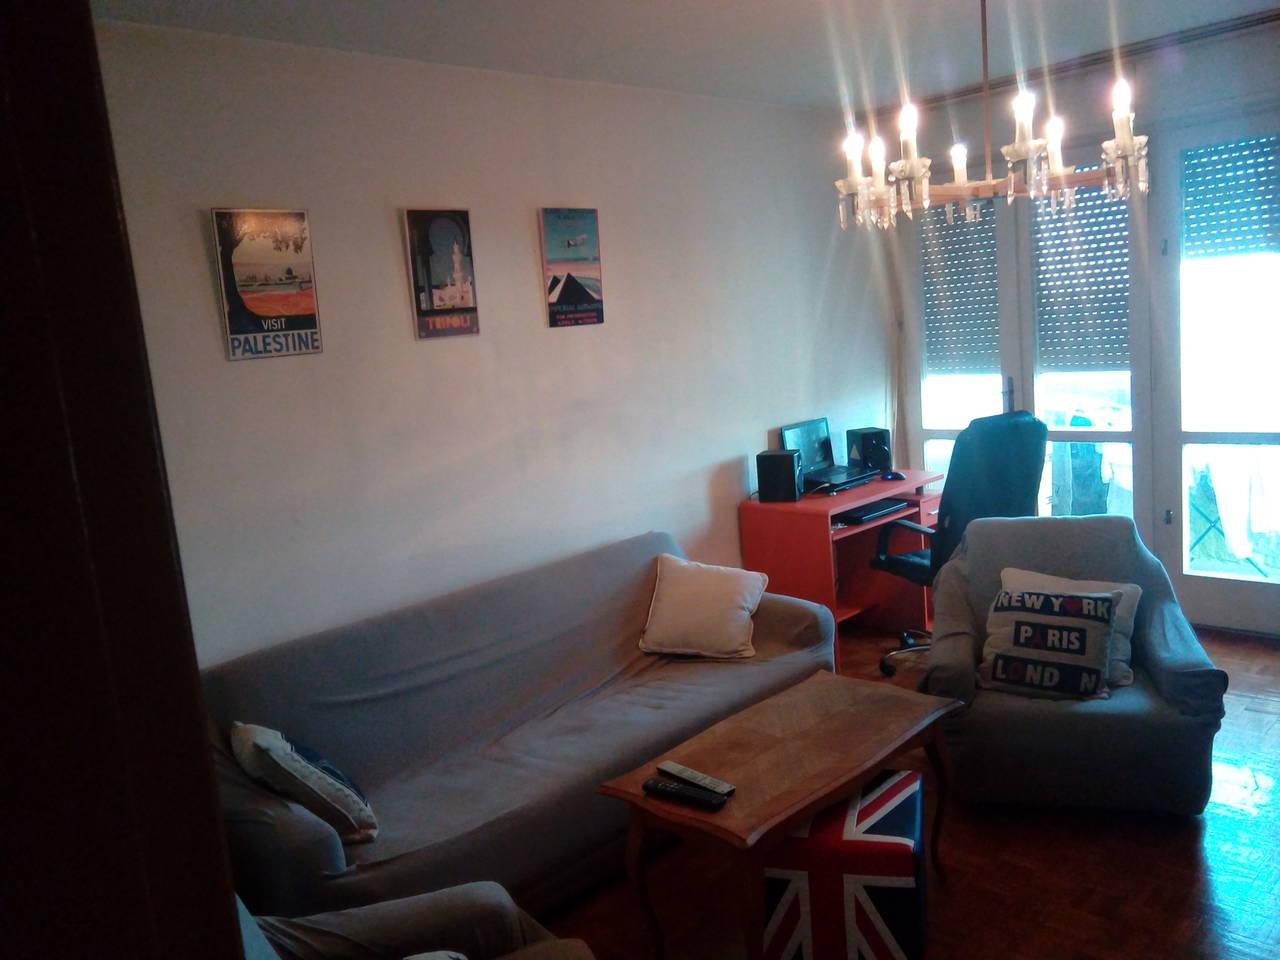 immobilien eigentumswohnung ein und zwei zimmer kleinanzeigen. Black Bedroom Furniture Sets. Home Design Ideas